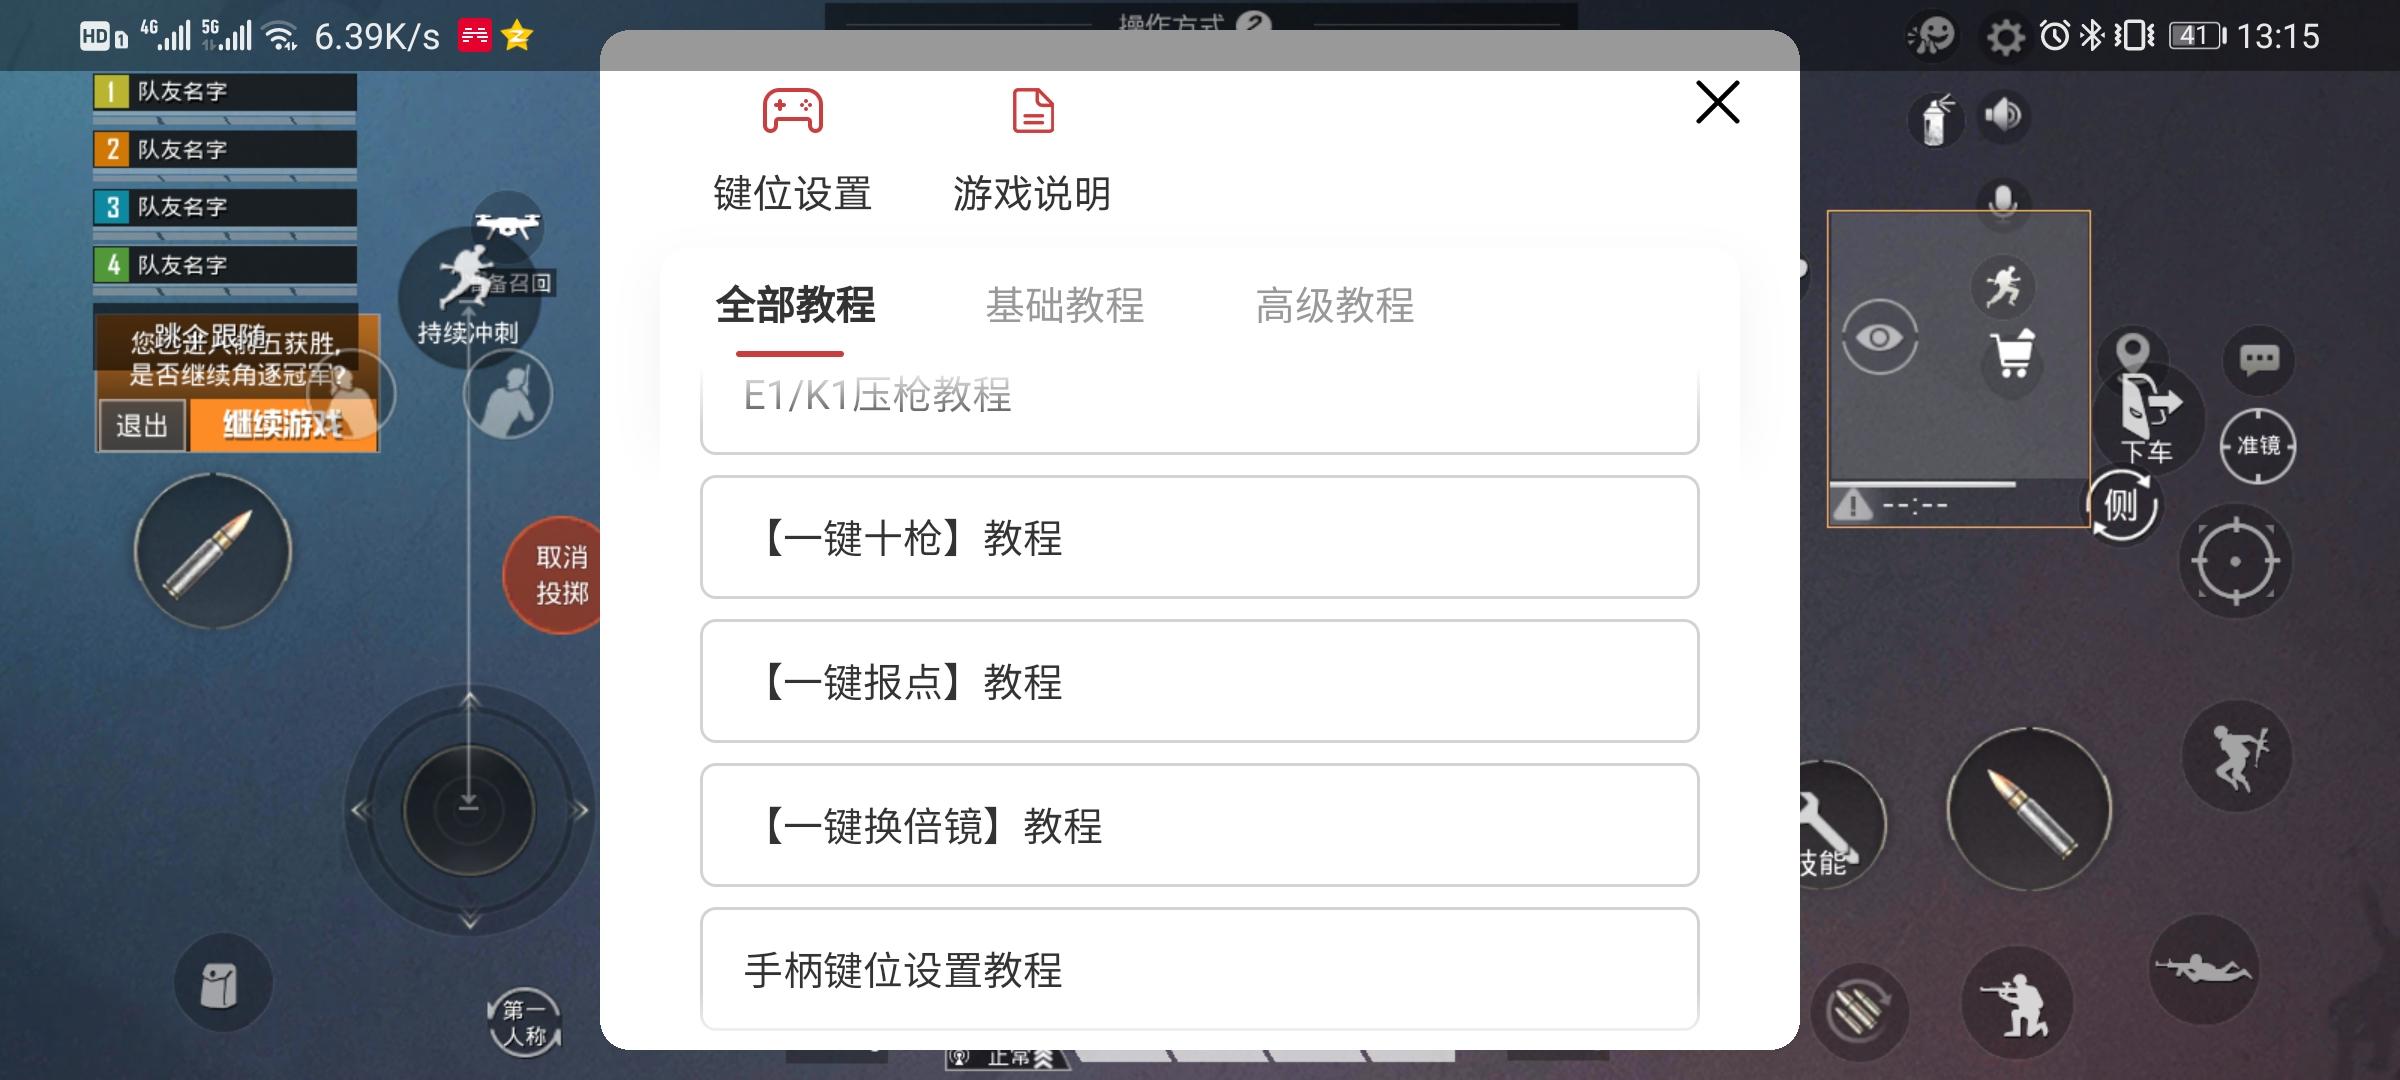 Screenshot_20210227_131503_com.tencent.tmgp.pubgm.jpg